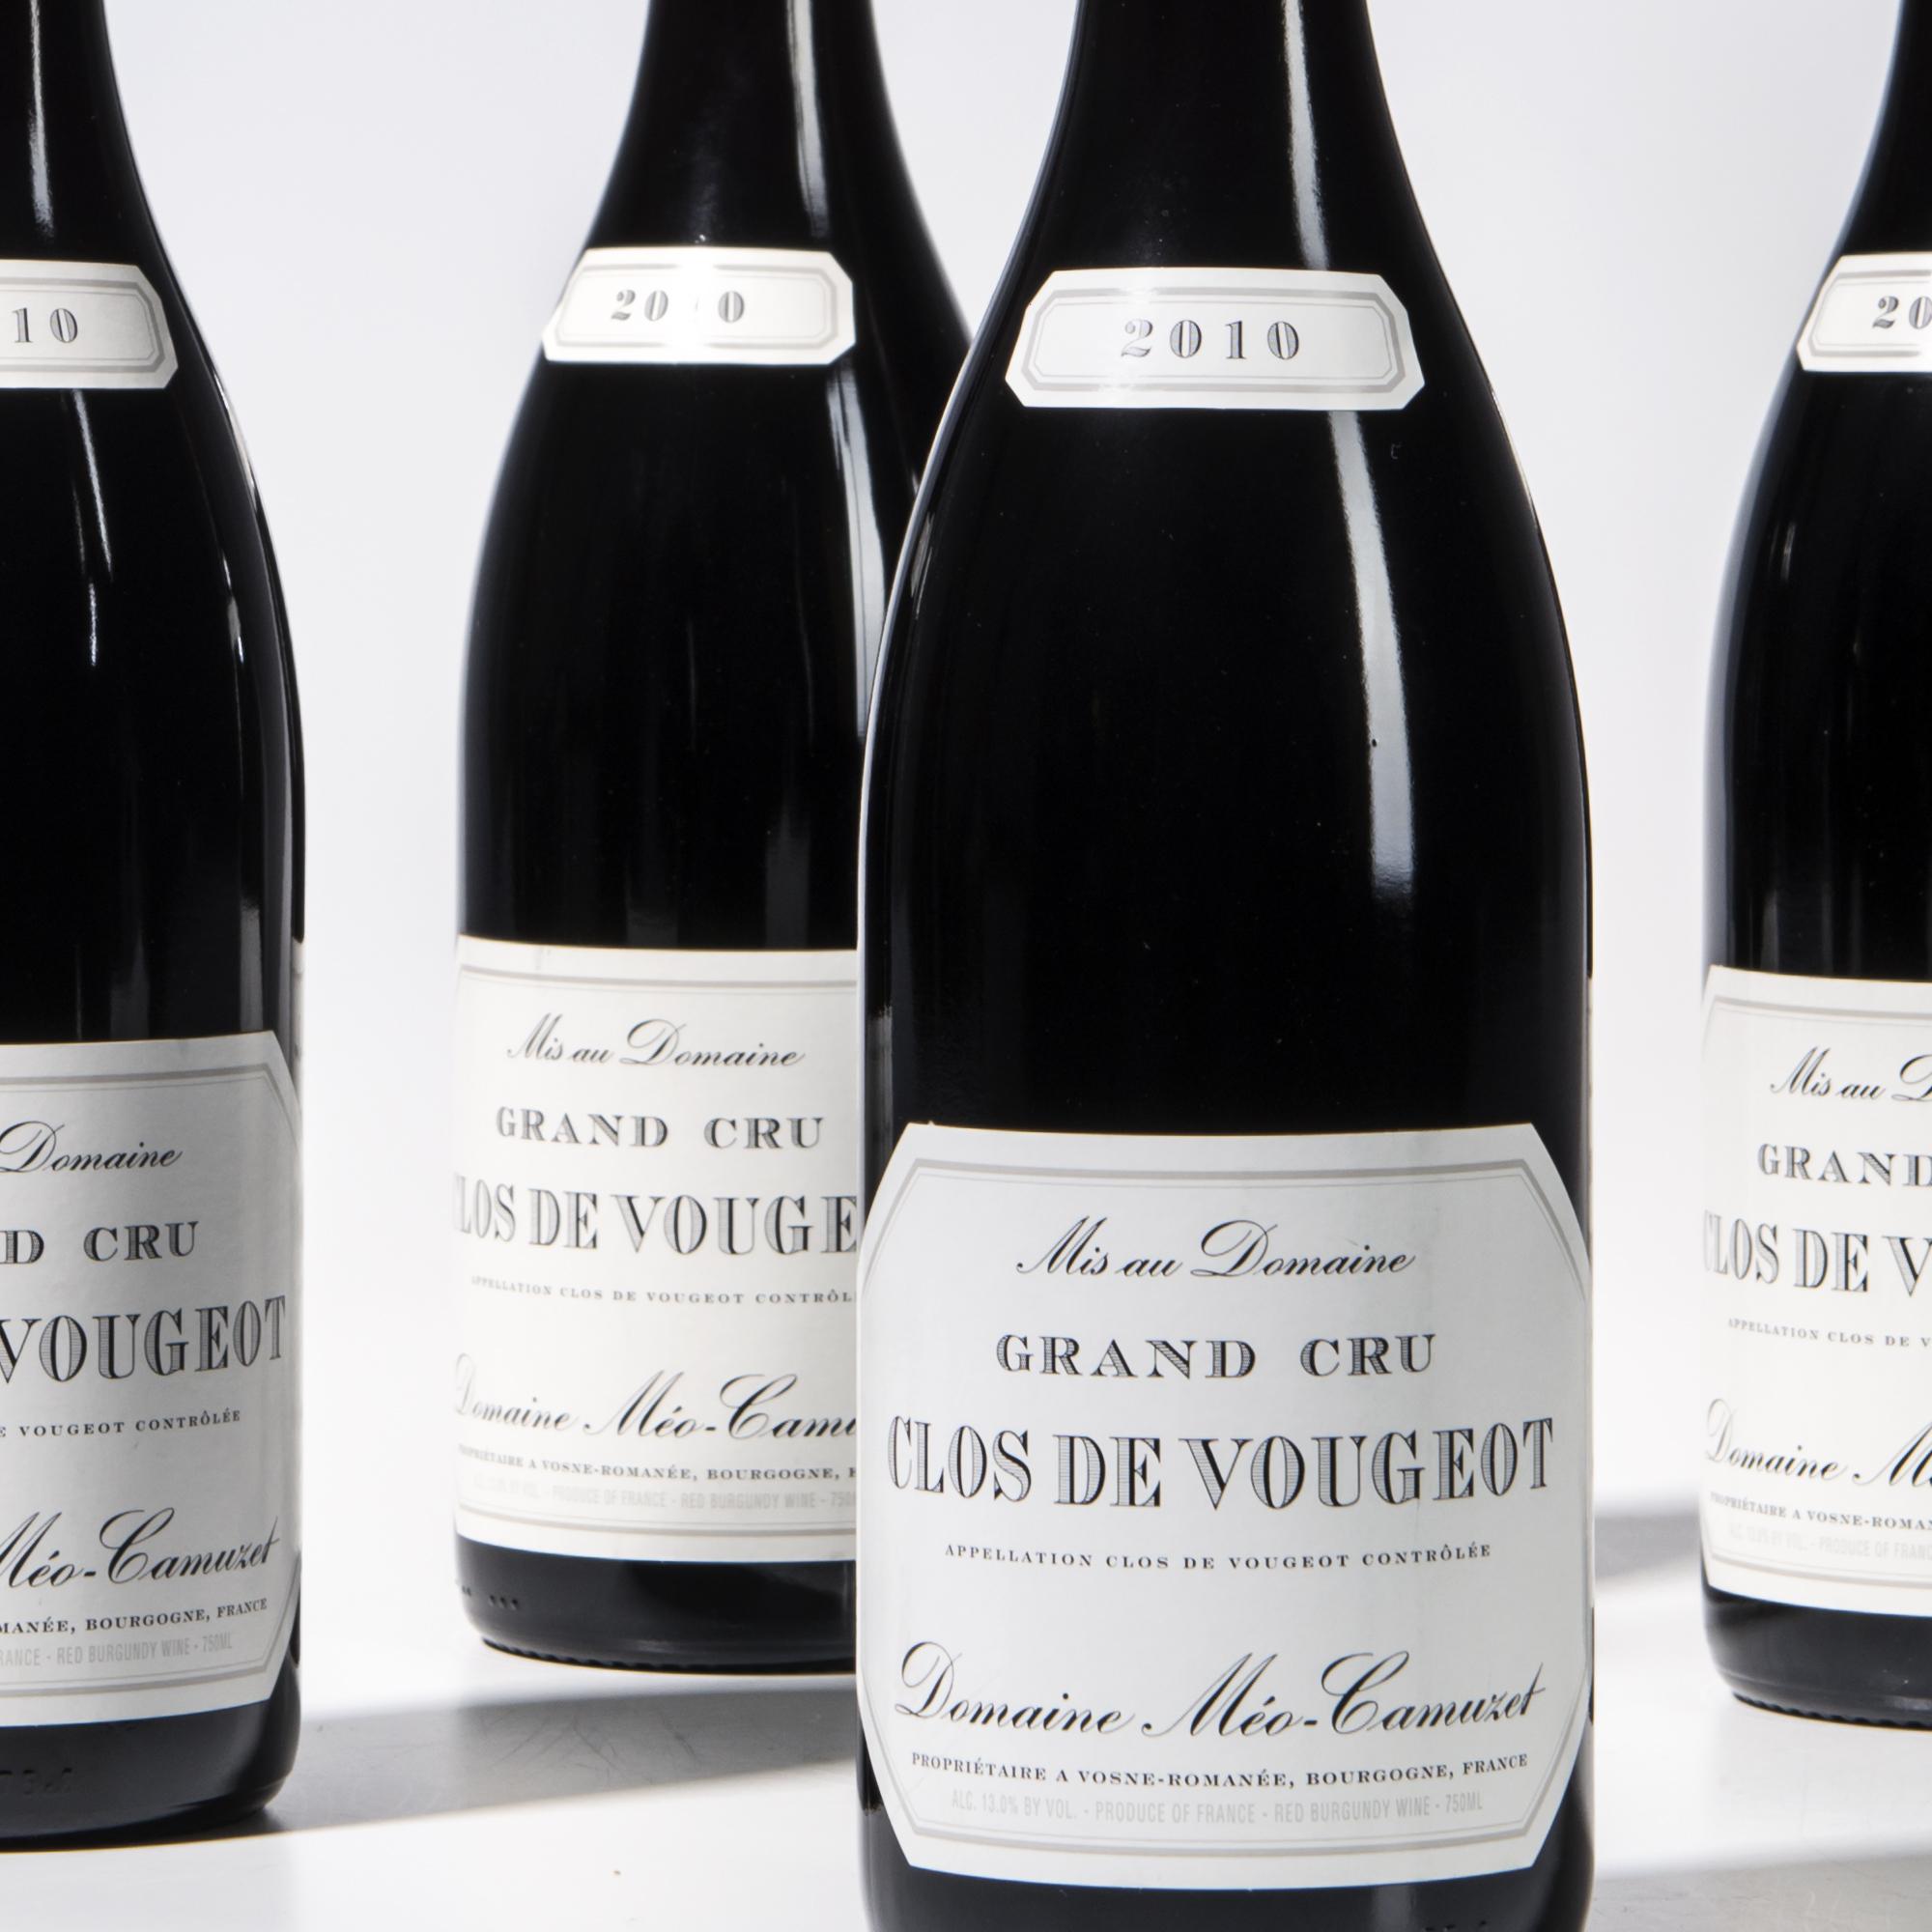 Meo Camuzet Clos de Vougeot 2010, 4 bottles